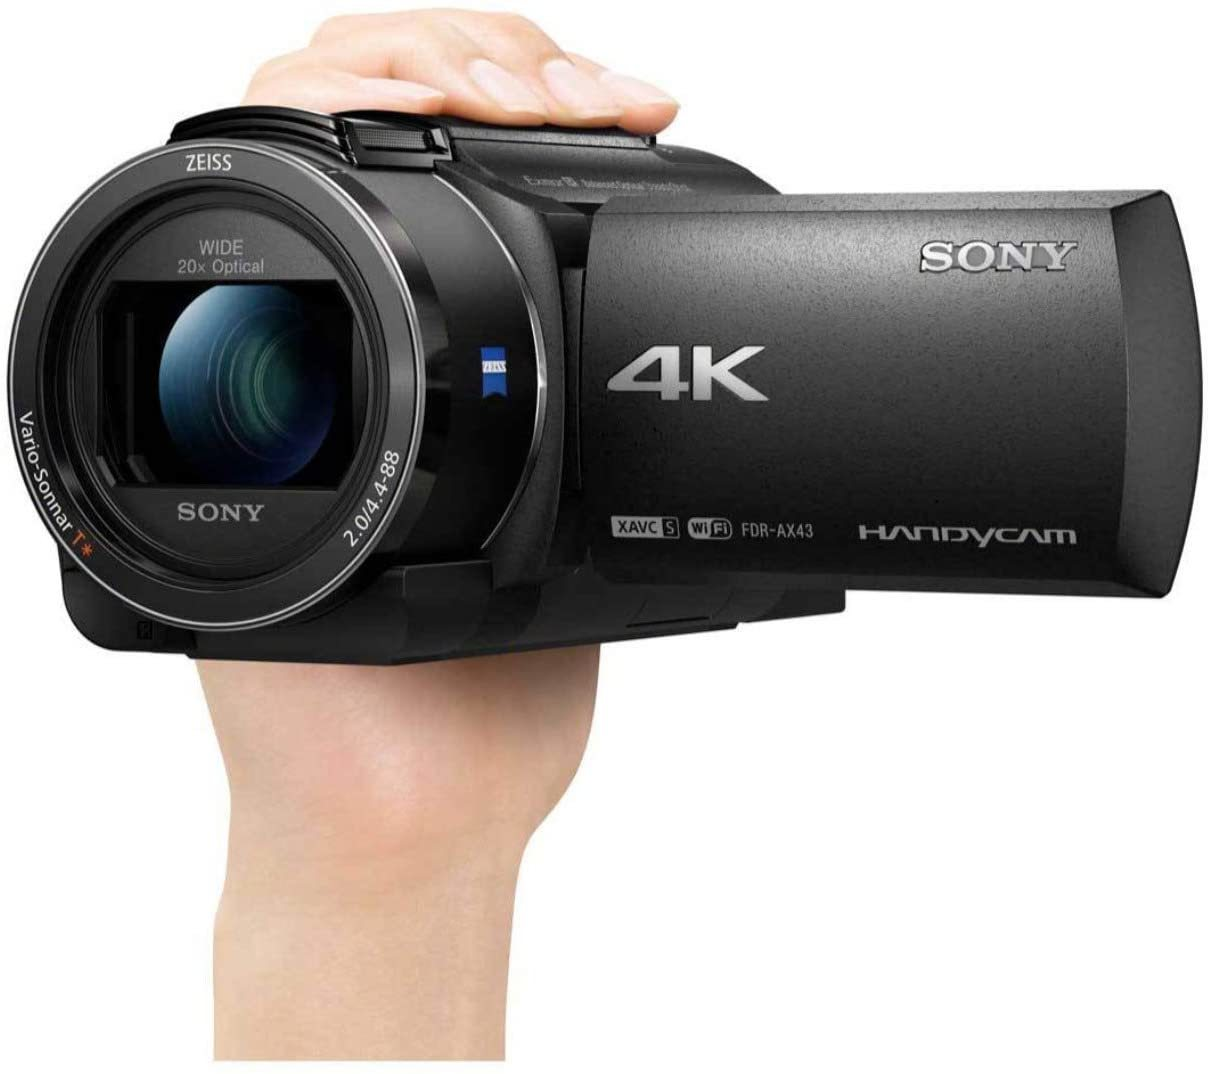 Купить камеру Sony FDR-AX43 в интернет-магазине Sony Centre